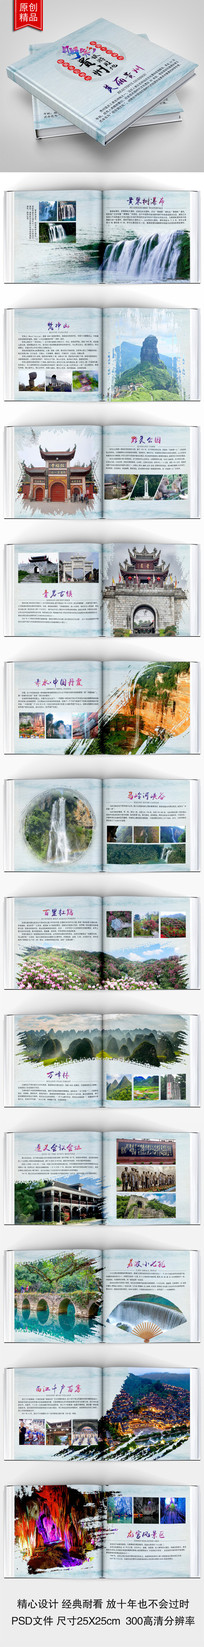 经典中国风贵州印象旅游画册